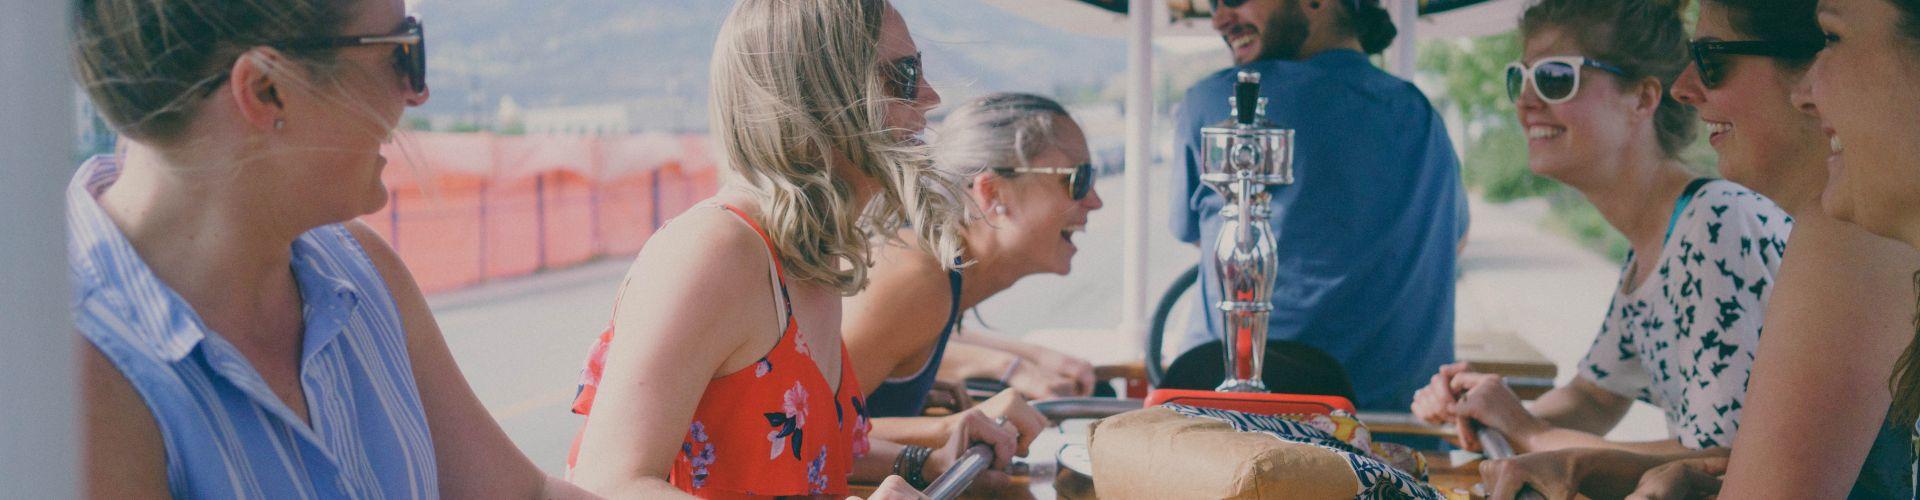 Kelowna Activities Brewery Tour Ladies